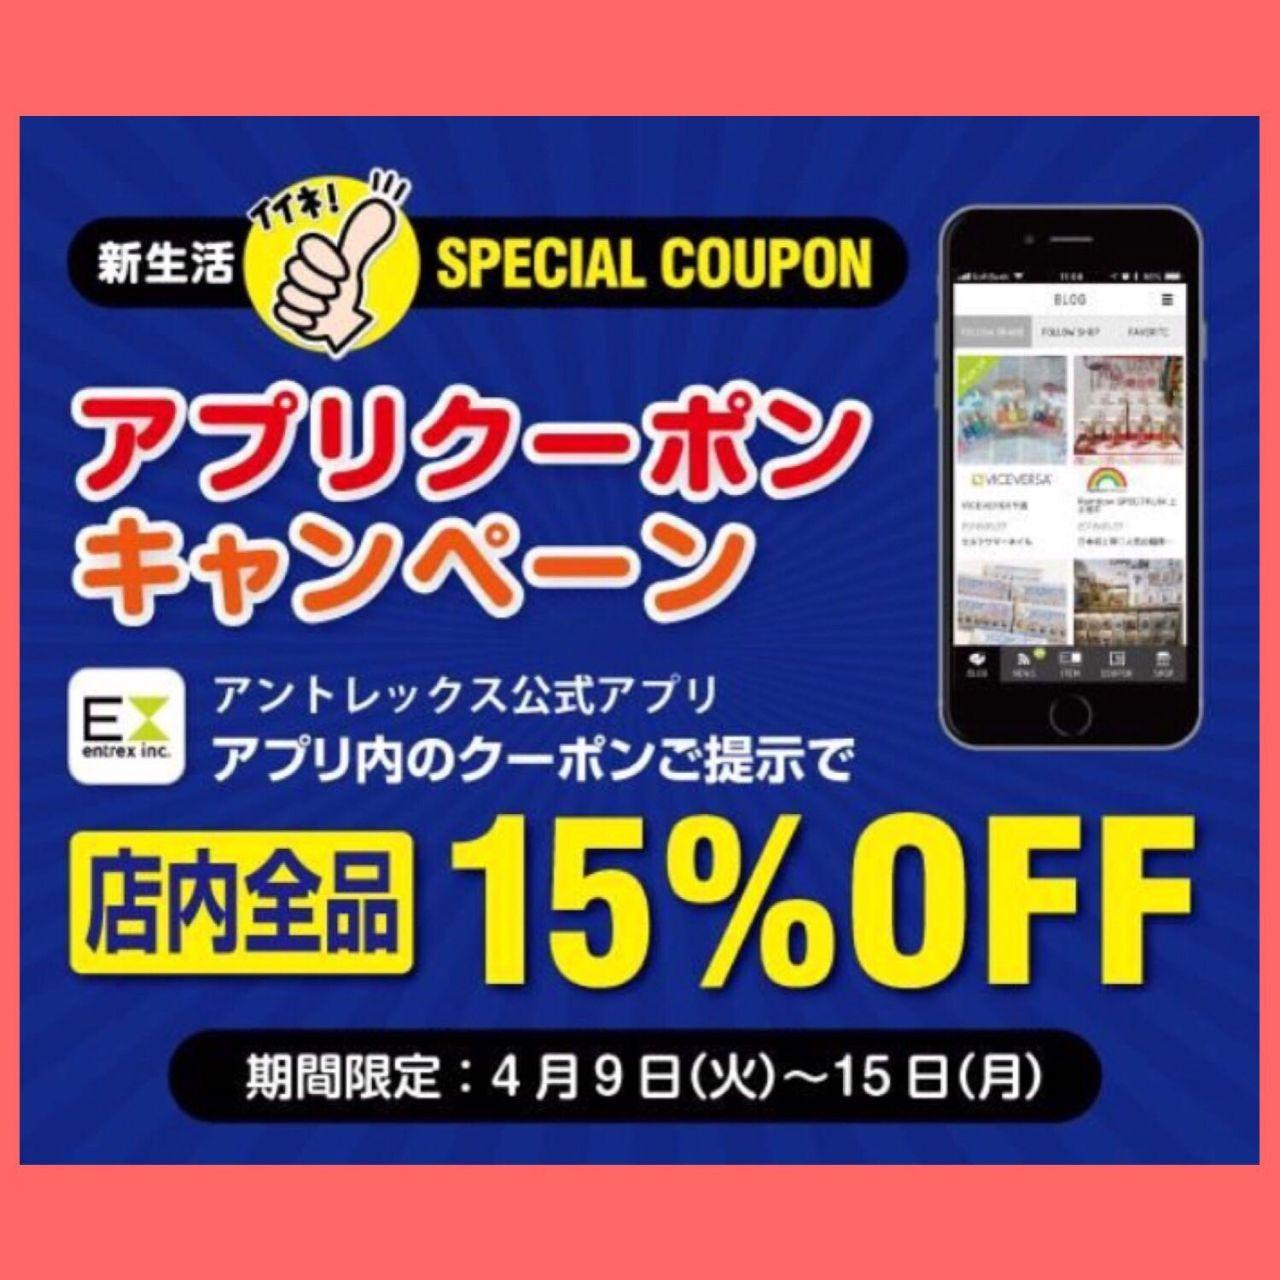 「アプリクーポン配信中!」の写真